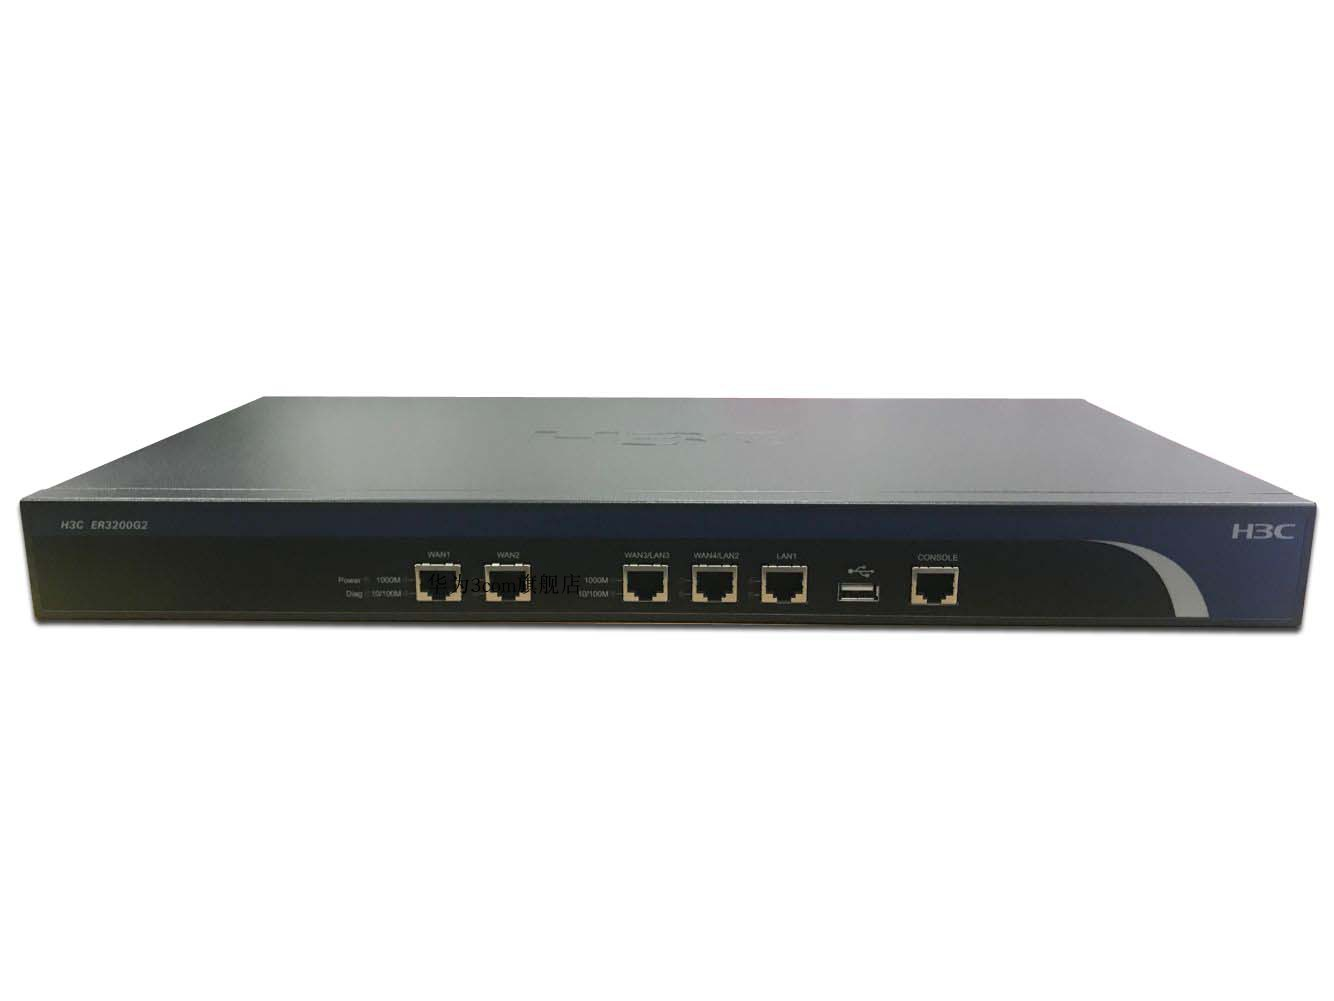 H3C ER3200 企业专用路由器